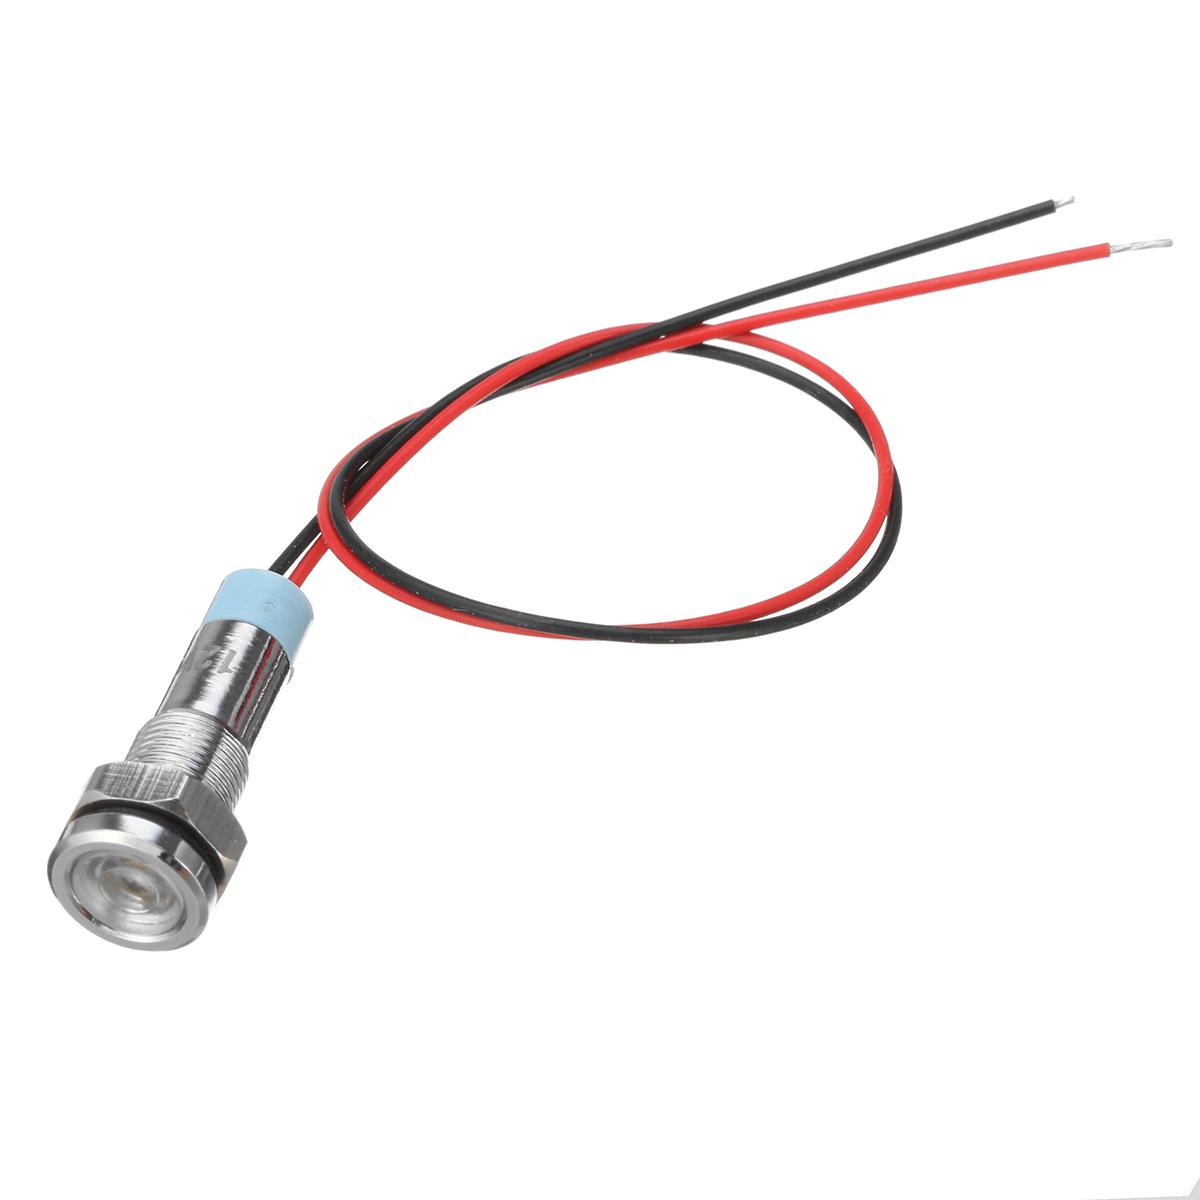 12v 6mm Led Indicator Light Pilot Dash Lamp Motorccyle Car Truck Boat Metal Sale